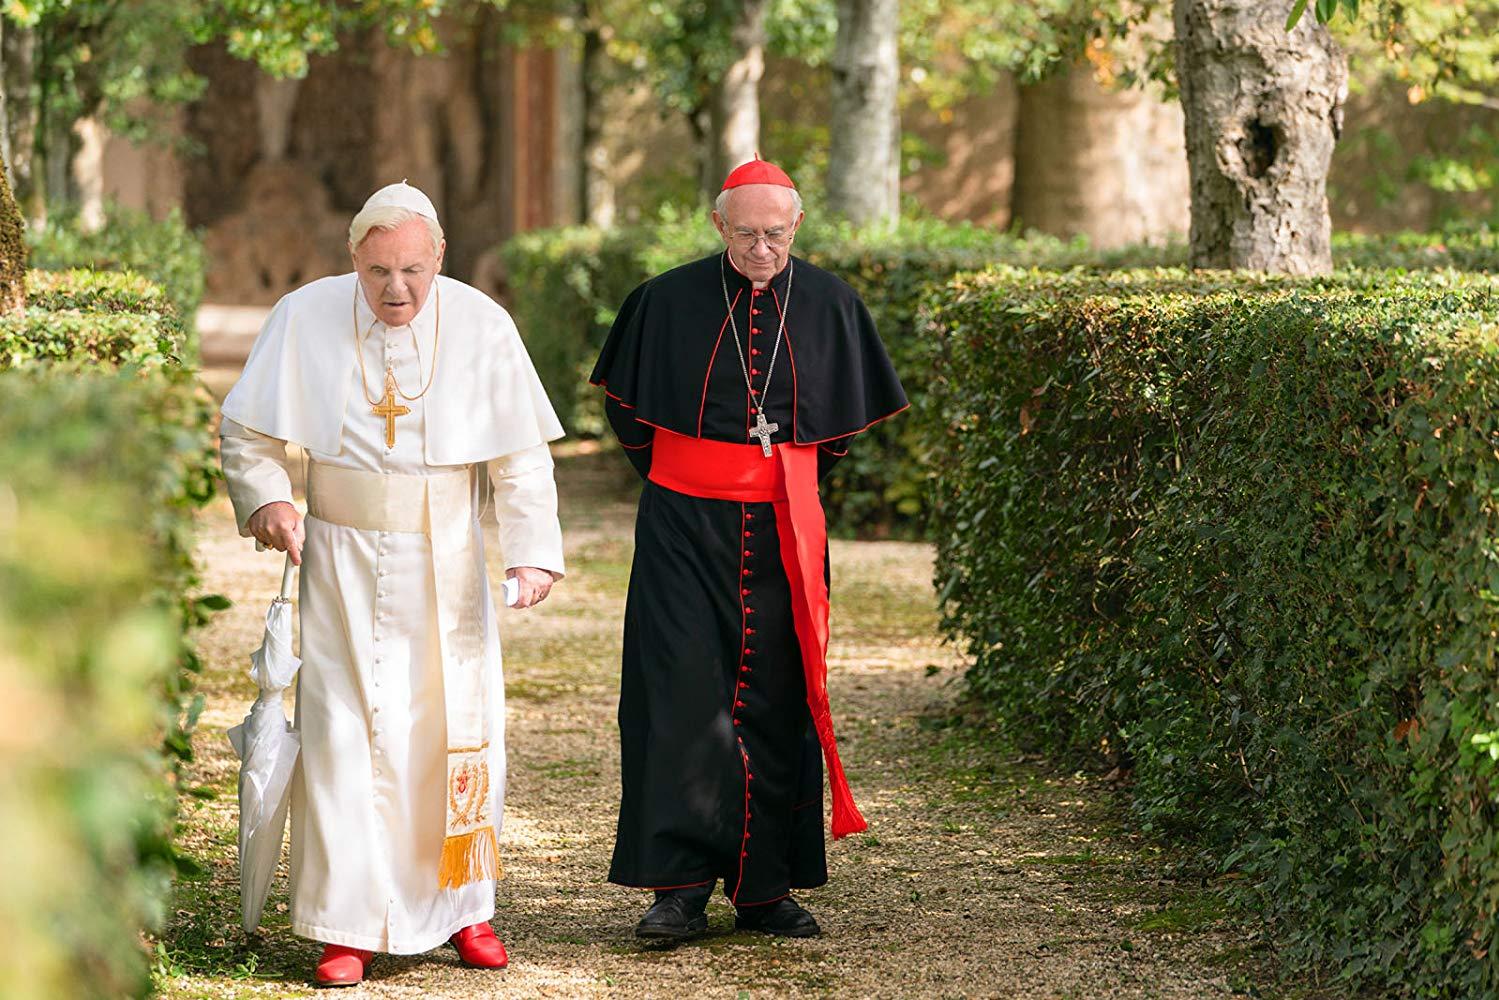 Publicystyka - Kościół w czasach niewiary. O książce Dwóch papieży